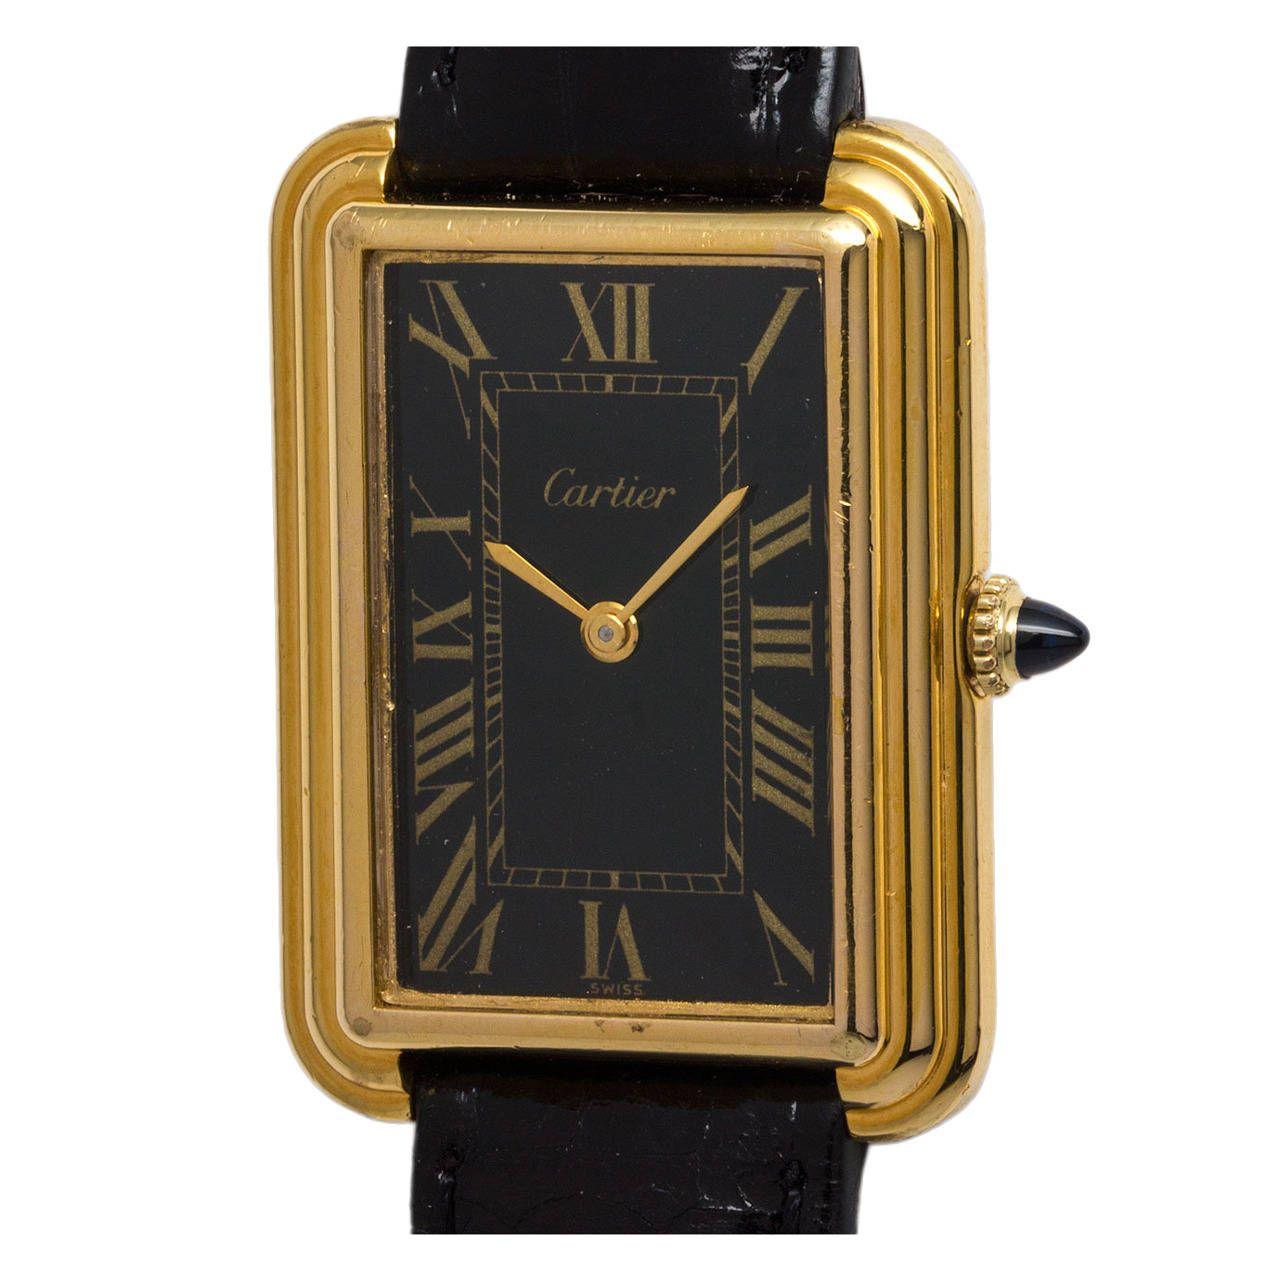 Cartier Vermeil Stepped Case Tank Wristwatch Circa 1970s 1stdibs Com Vintage Watches Wrist Watch Cartier